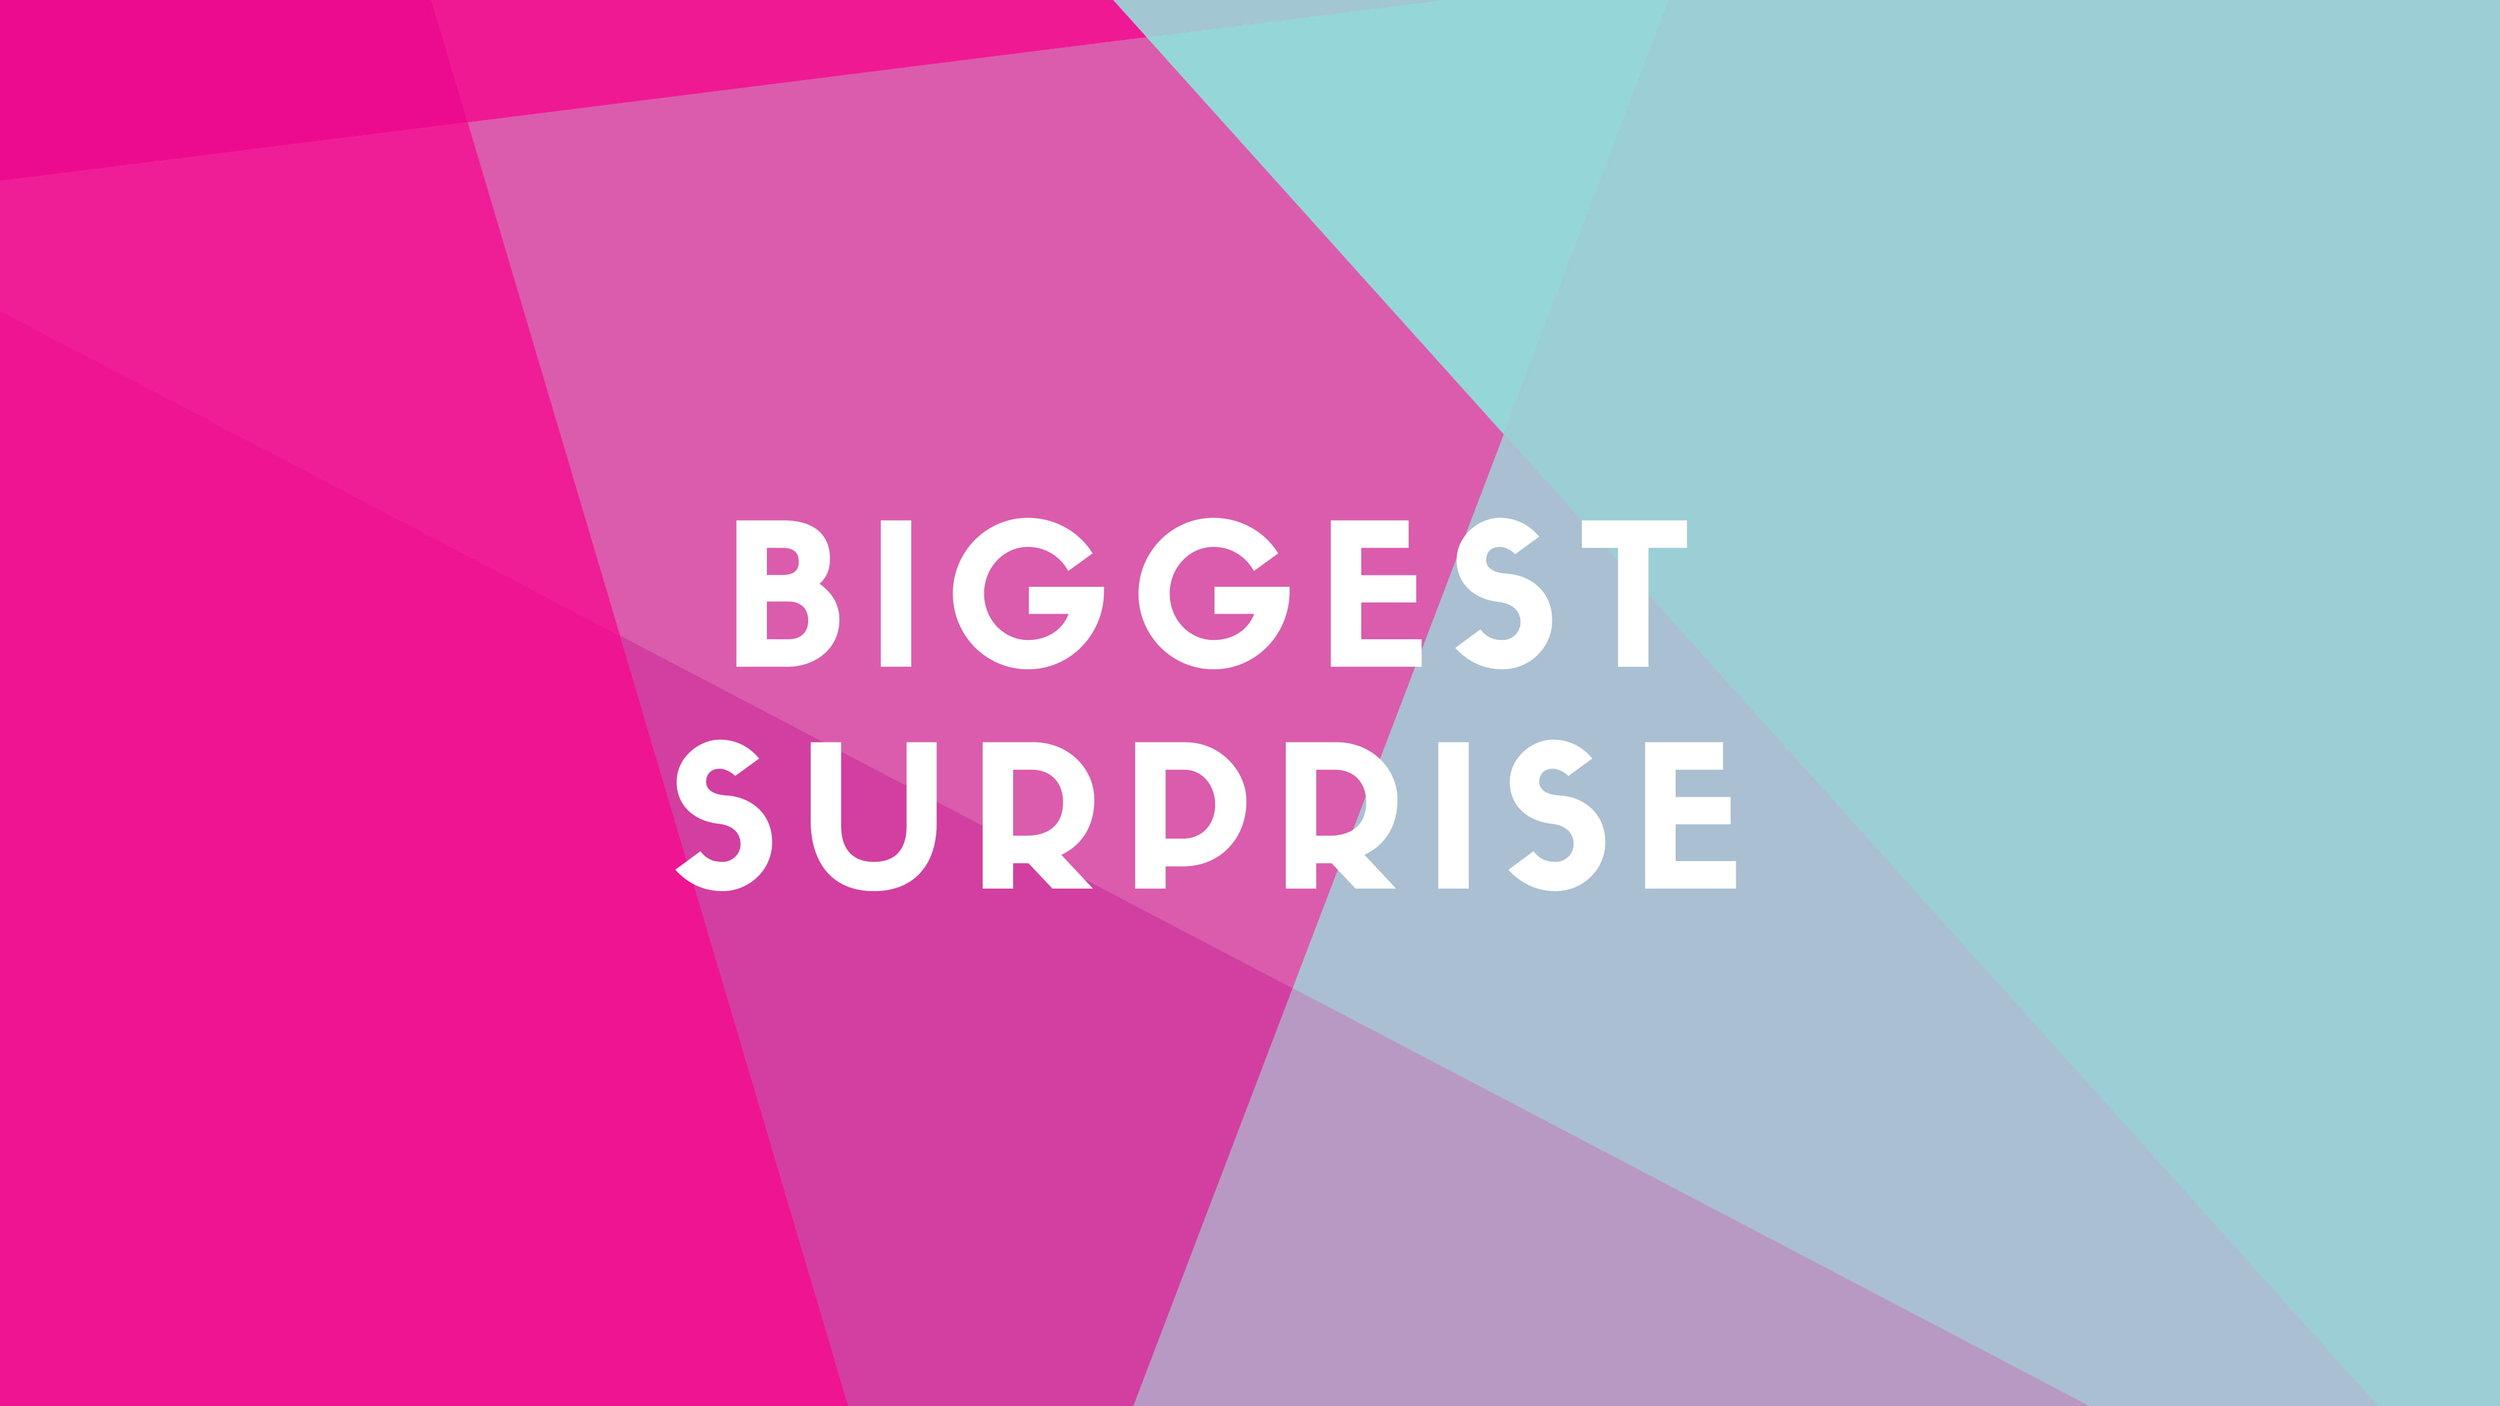 biggest surprise-1.jpg